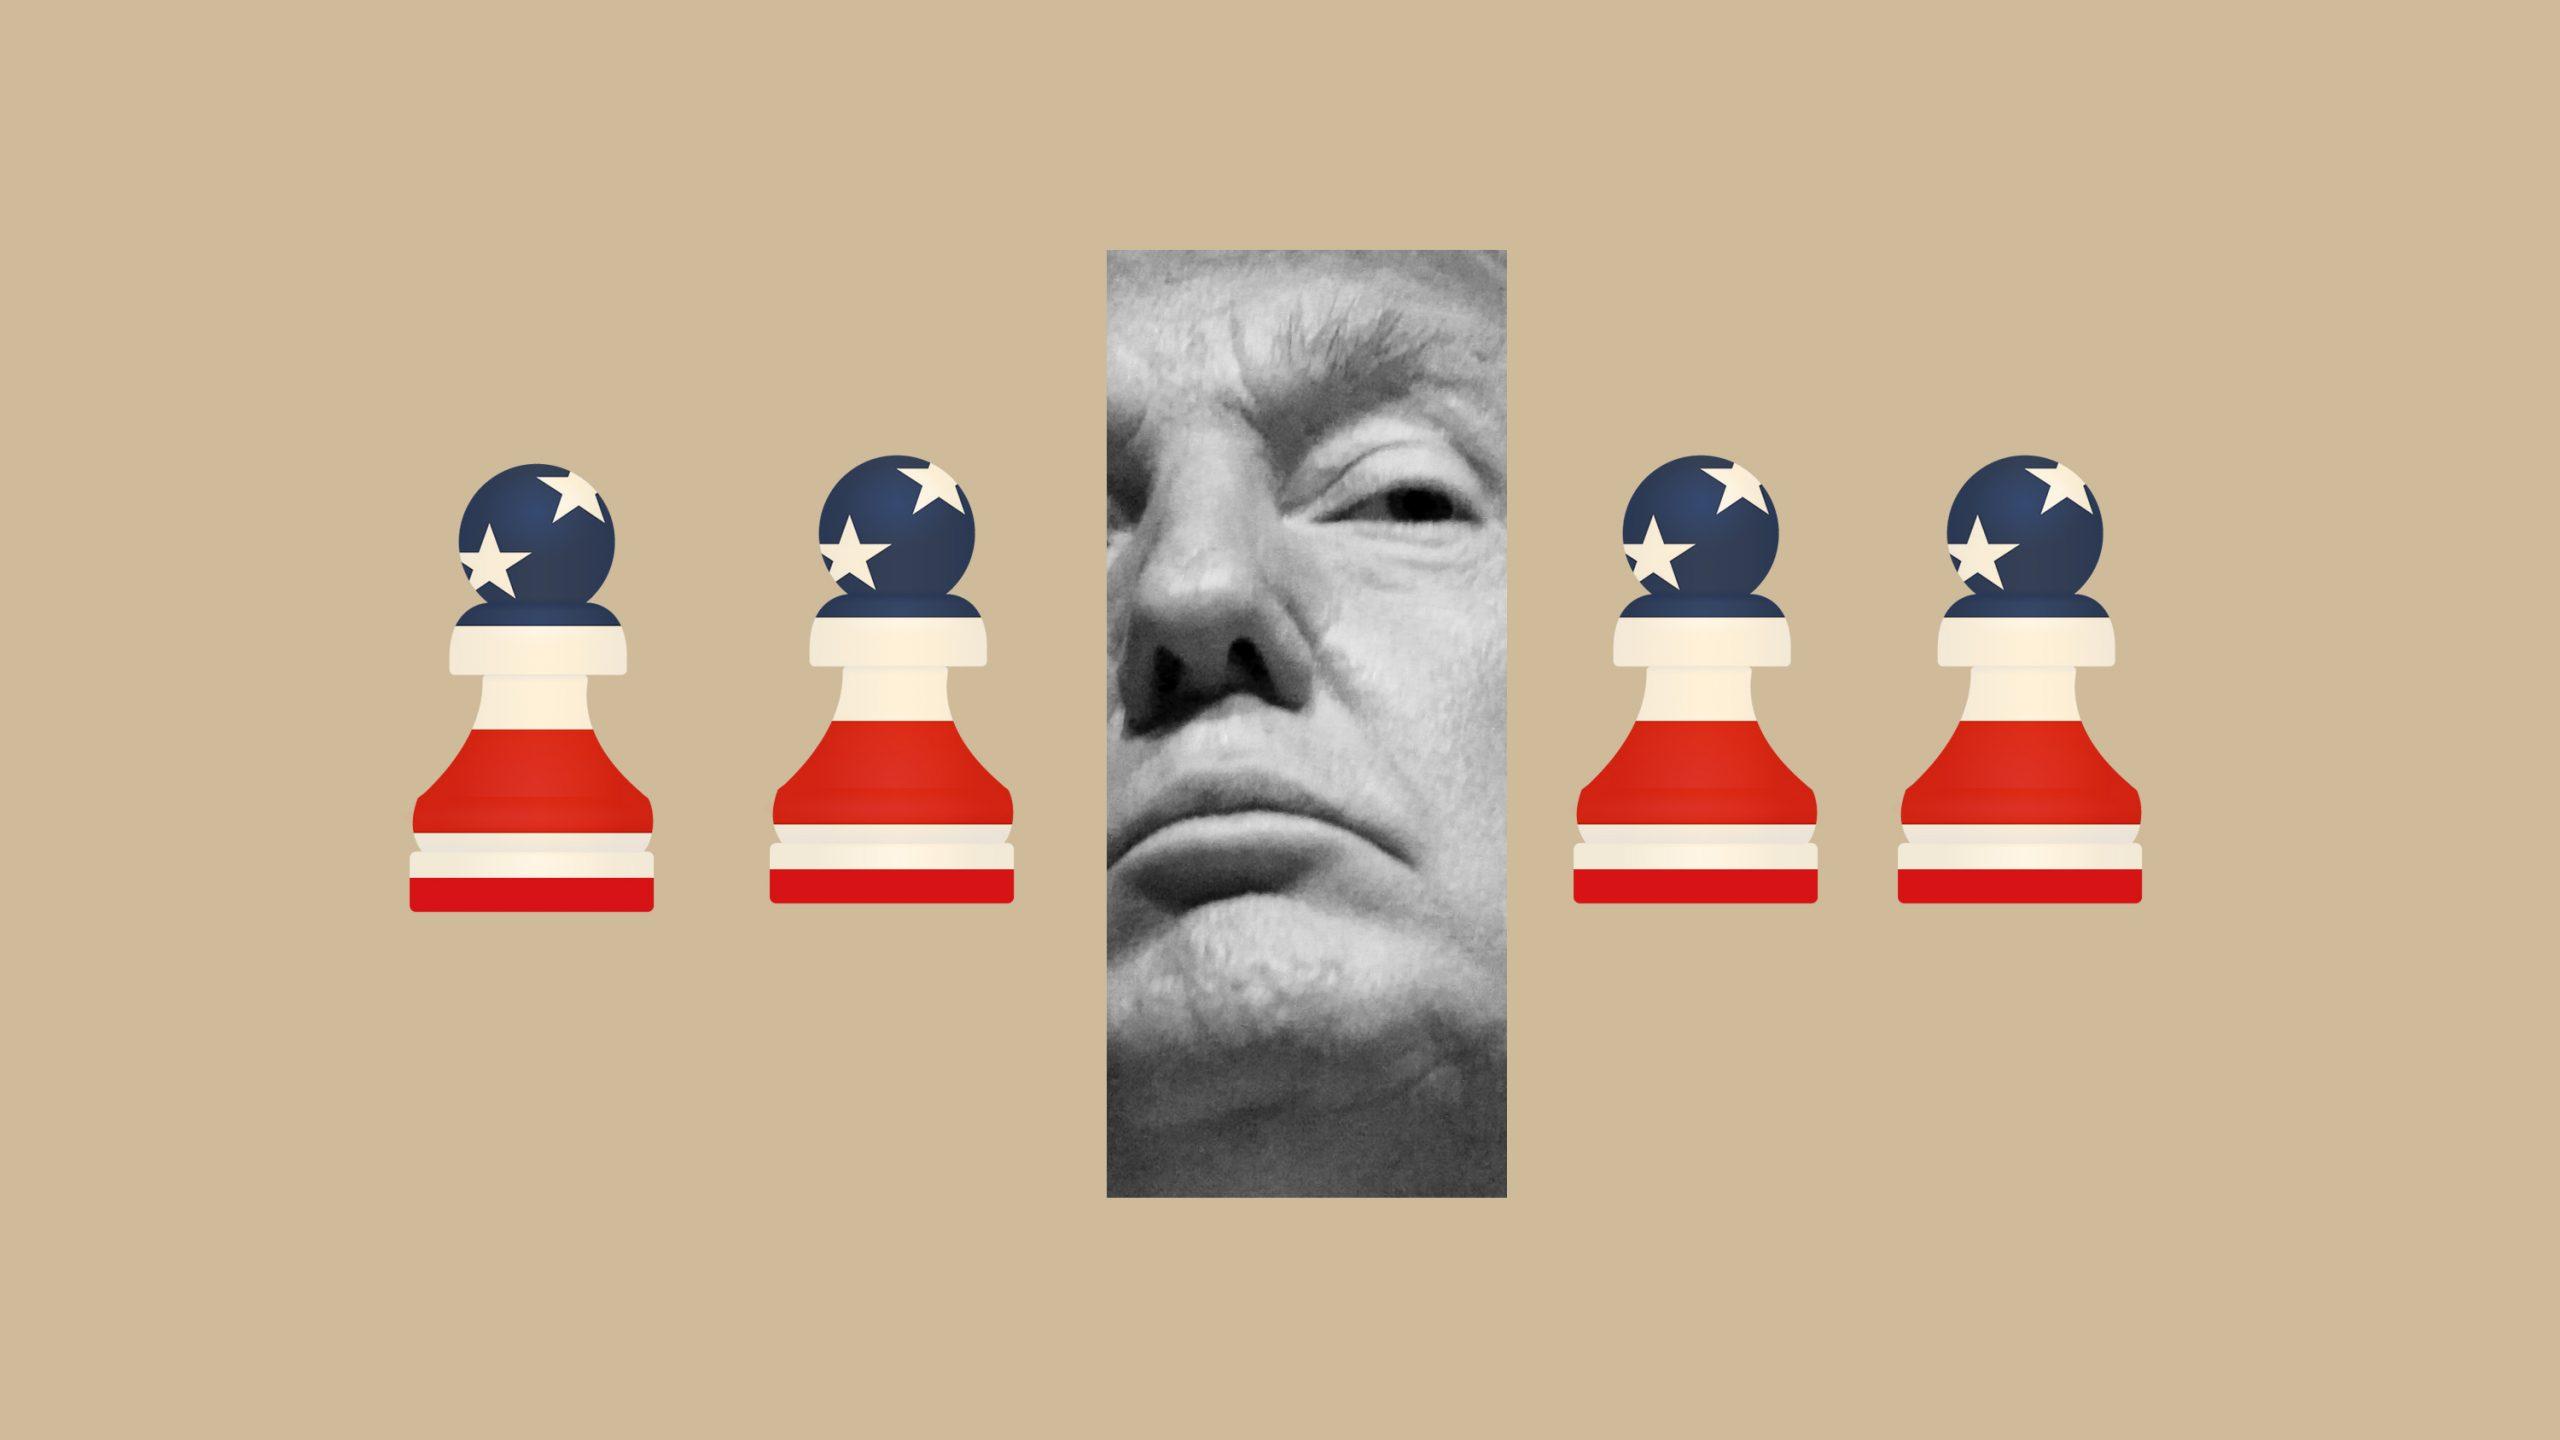 トランプ大統領の就労ビザ発給停止、「AI大国」地位に影響か